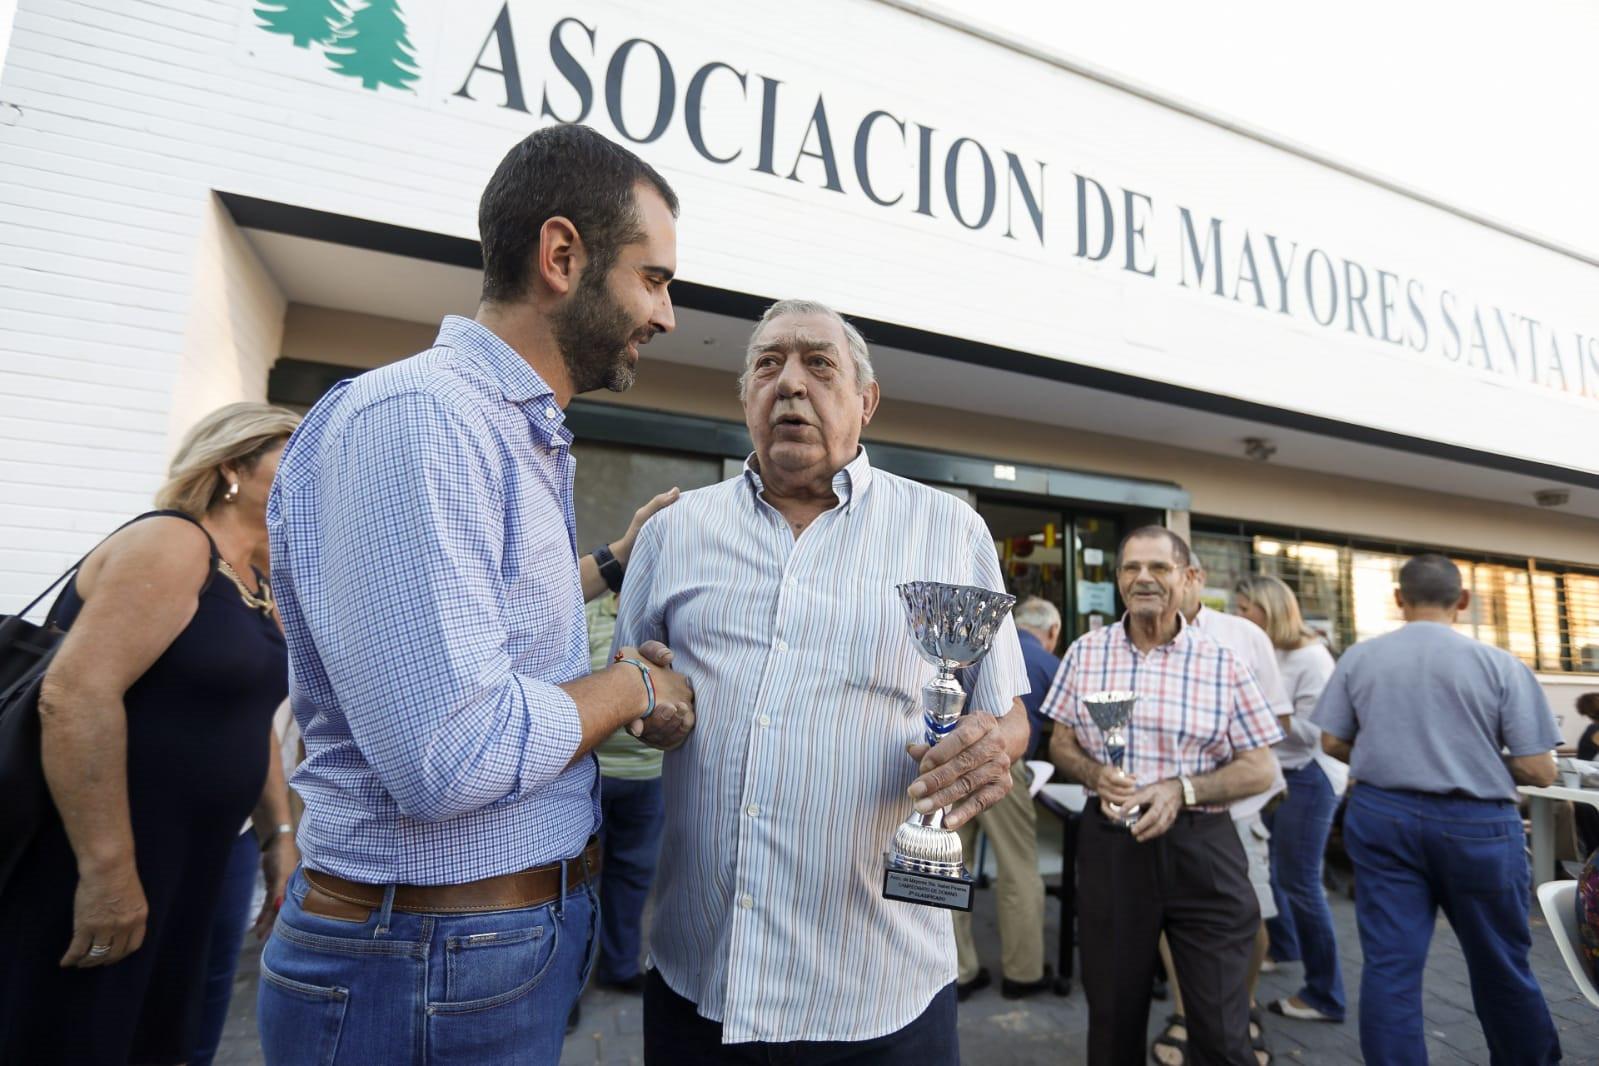 """El alcalde valora """"la fuerza del asociacionismo como altavoz de la ciudadanía"""" en la visita que ha realizado al barrio de Santa Isabel"""